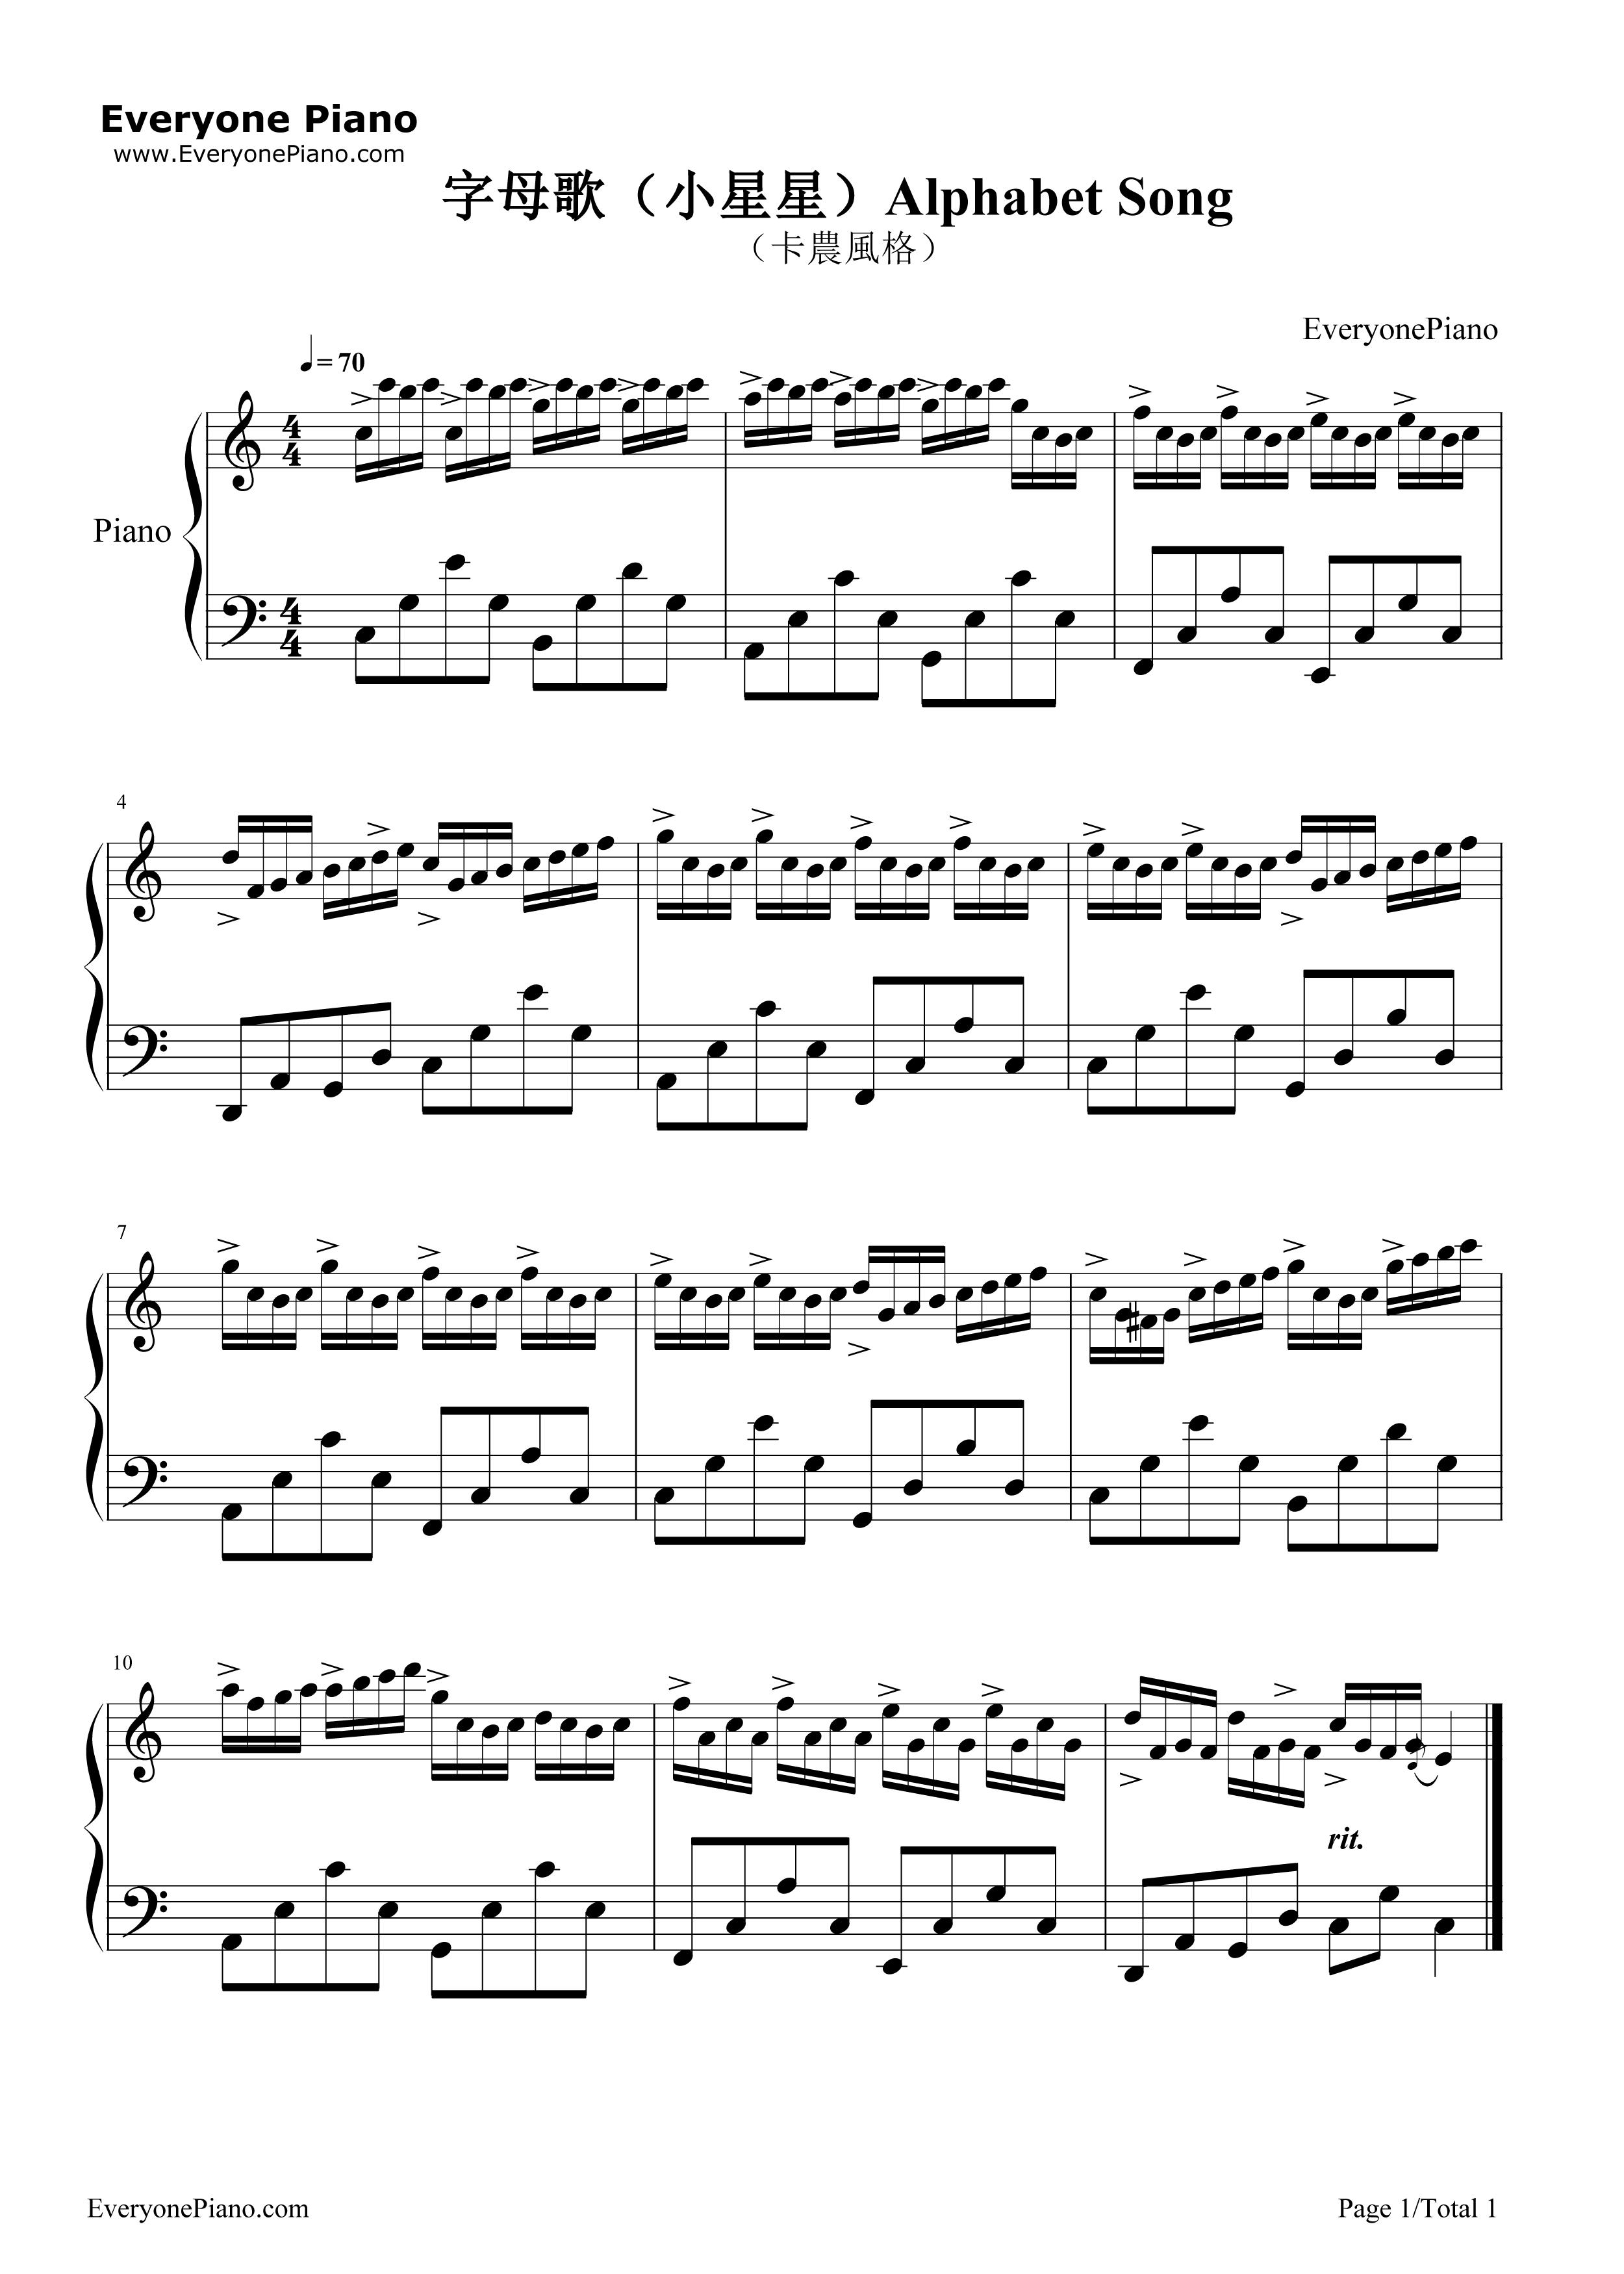 钢琴曲谱 儿歌 字母歌-小星星-alphabet song-卡农风格 字母歌-小星星